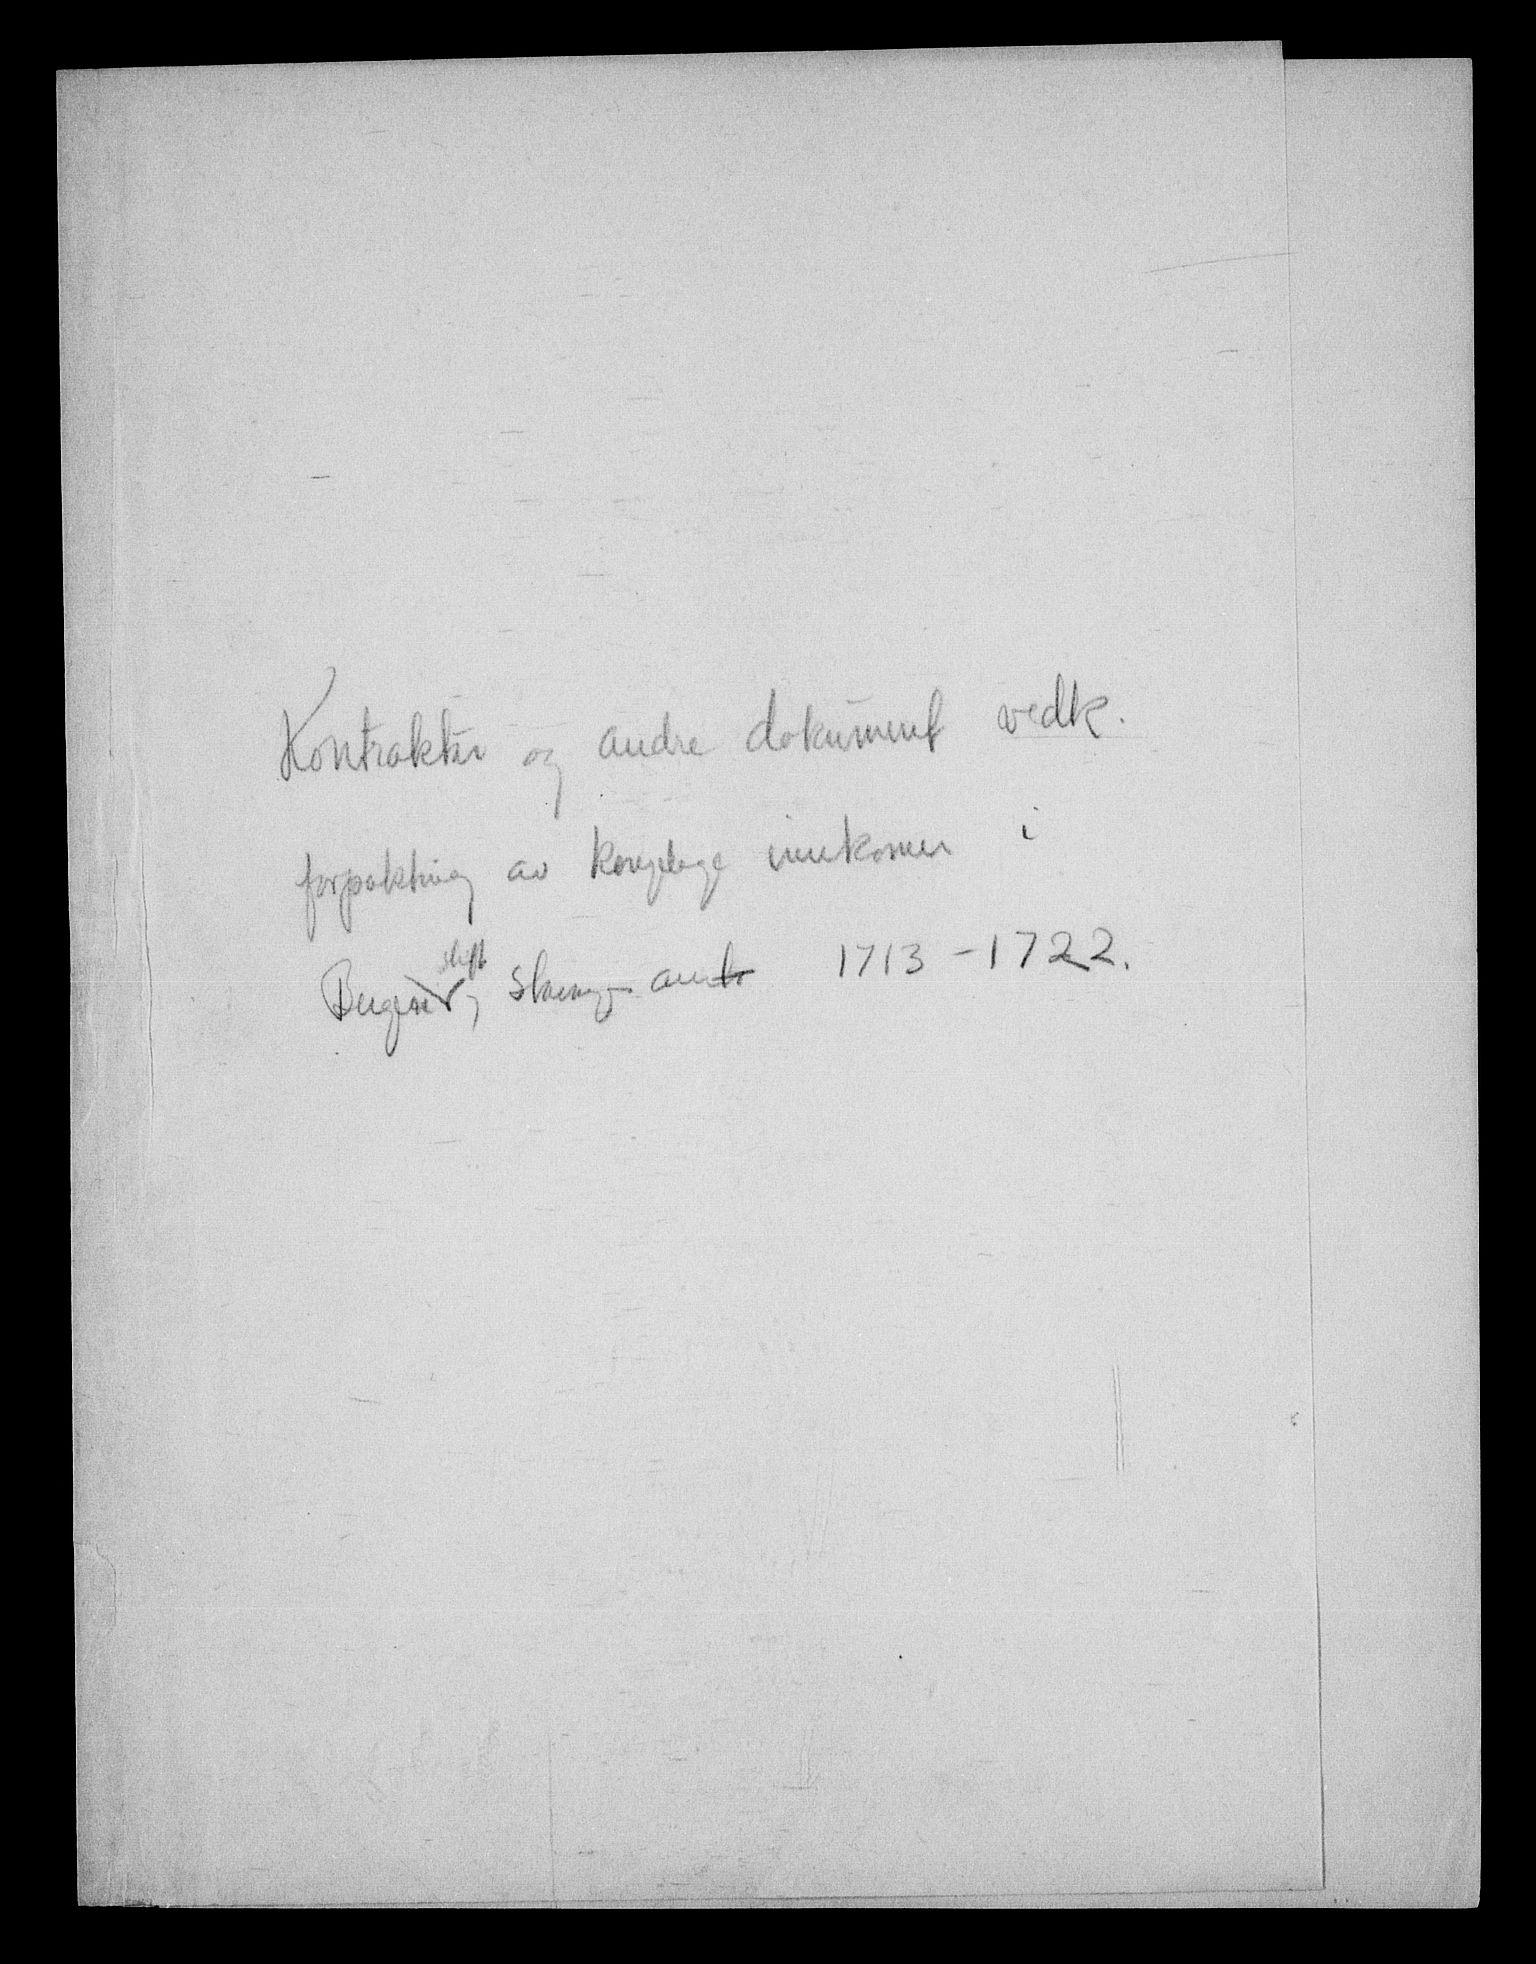 RA, Rentekammeret inntil 1814, Realistisk ordnet avdeling, On/L0003: [Jj 4]: Kommisjonsforretning over Vilhelm Hanssøns forpaktning av Halsnøy klosters gods, 1712-1722, s. 1001